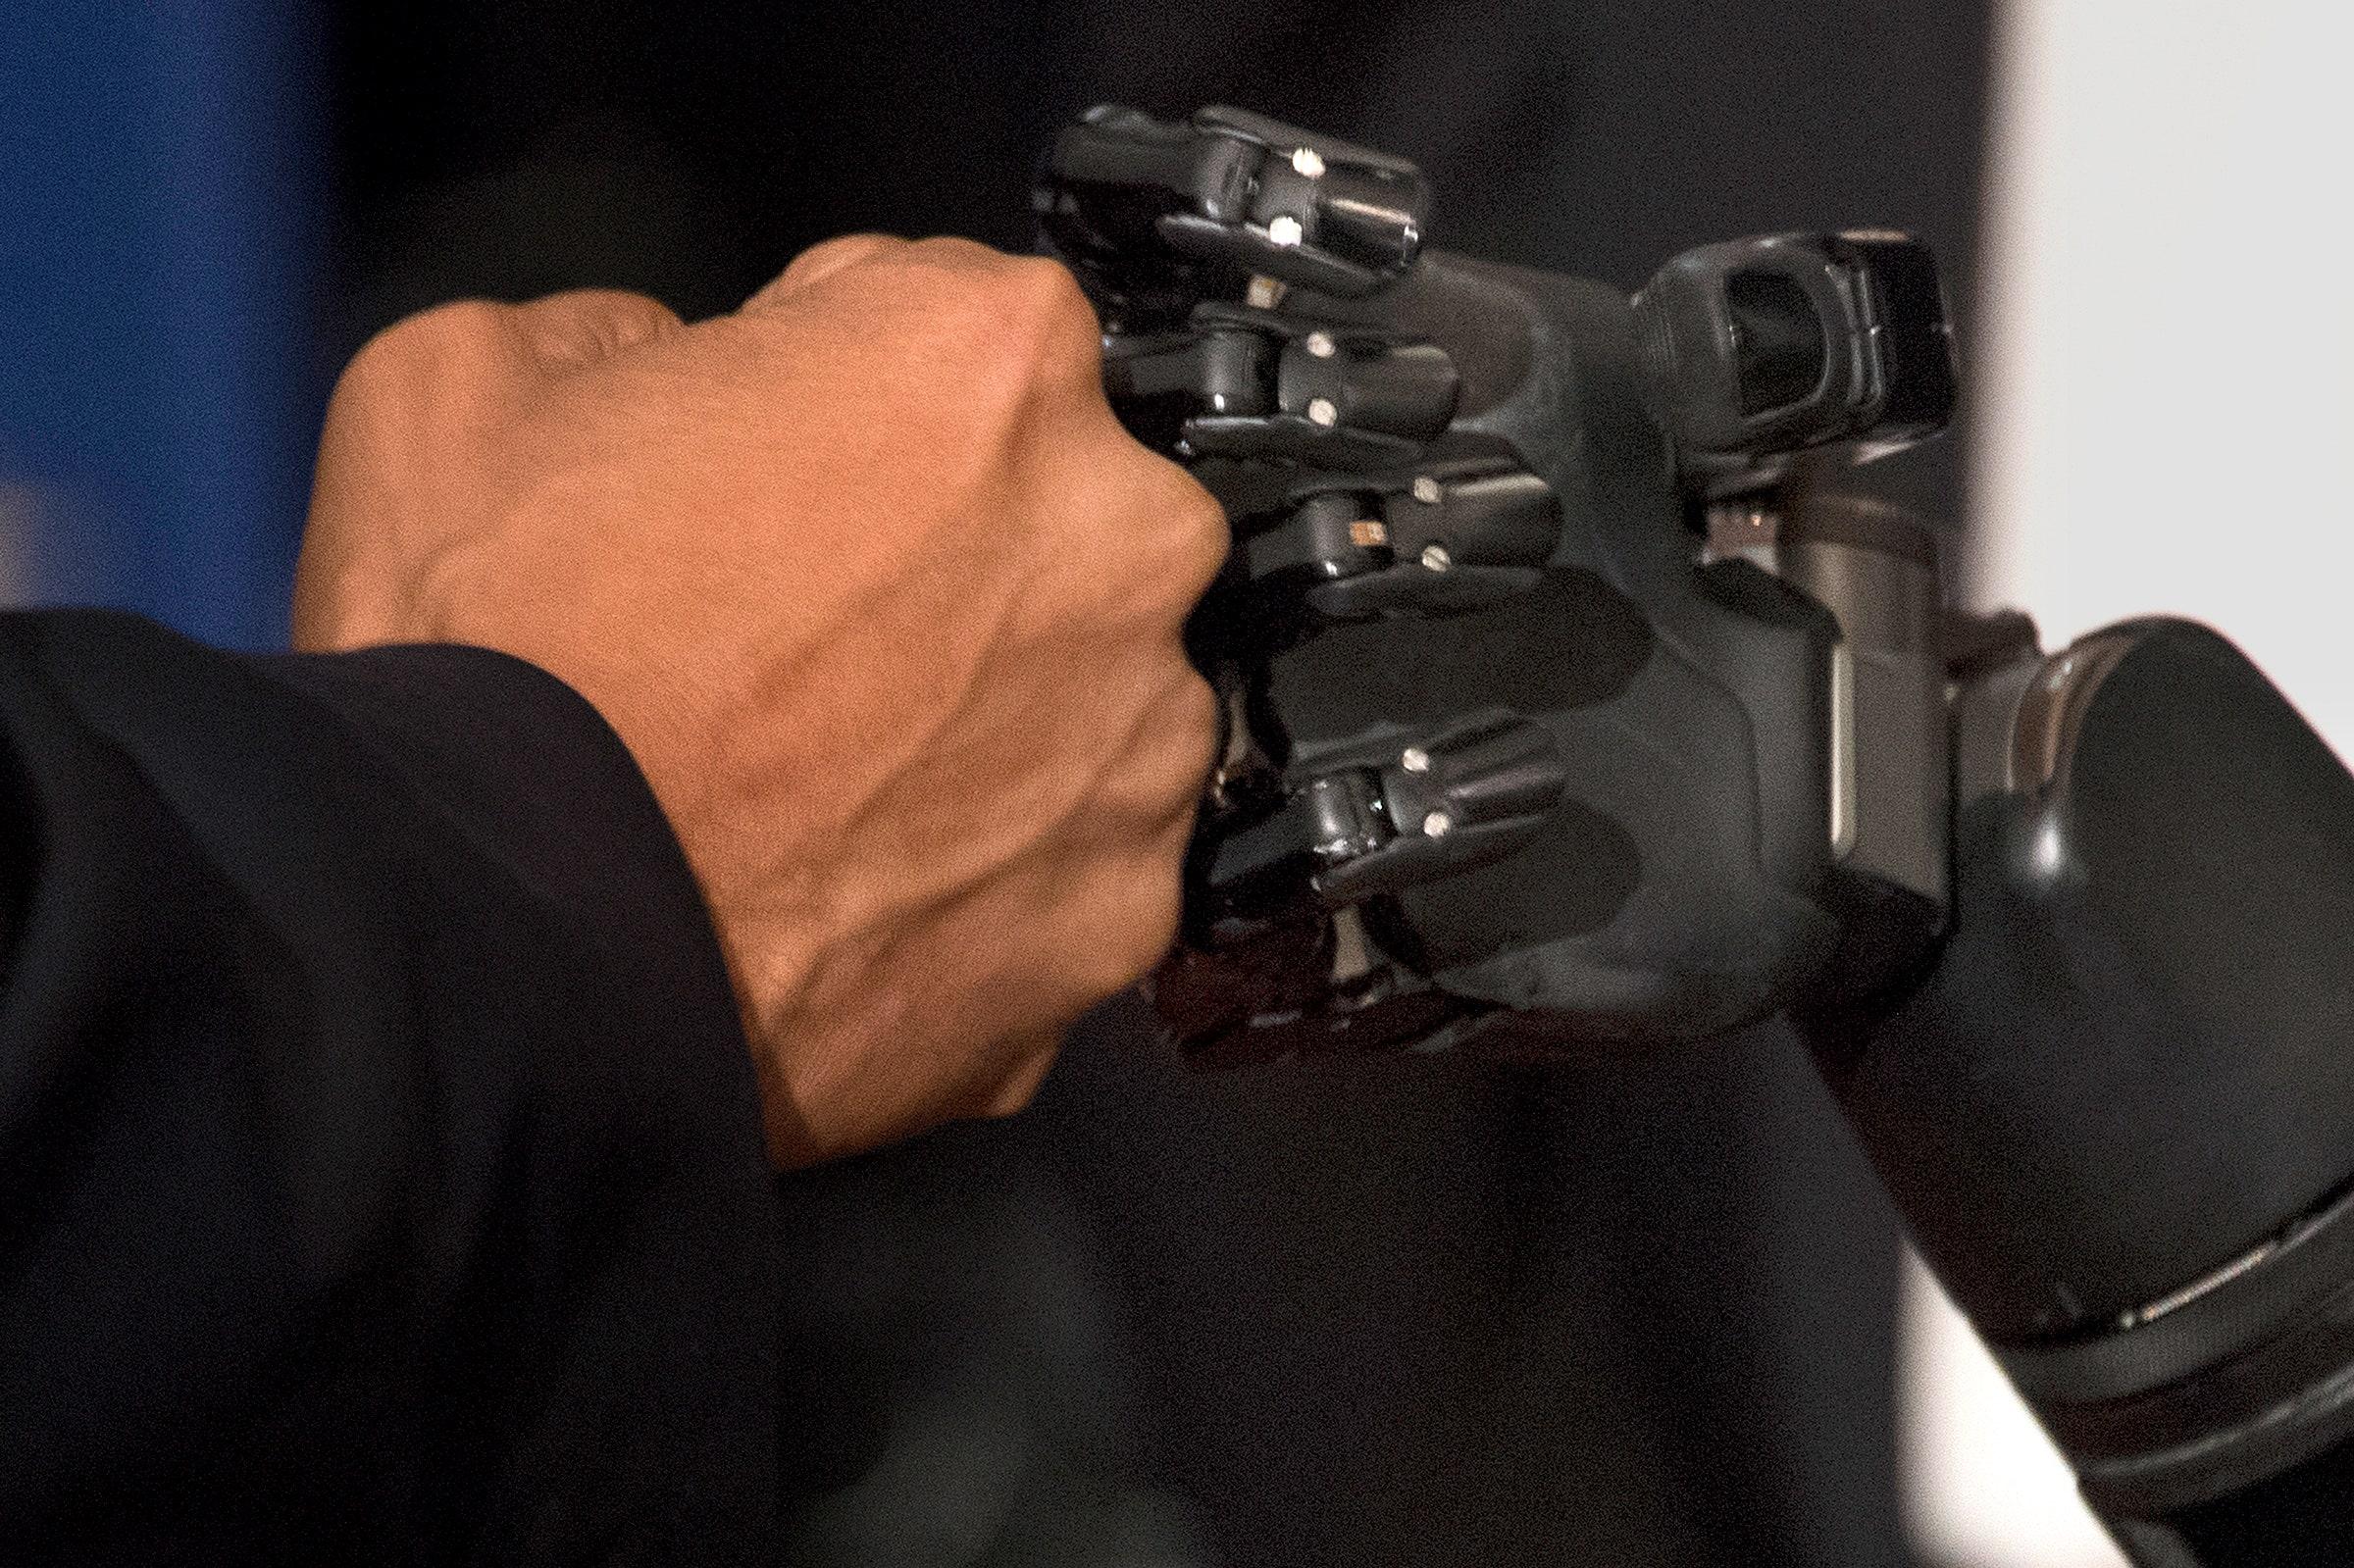 [Перевод] Эта роботизированная рука, управляемая мыслью, может поворачиваться, брать предметы и даже ощущать их